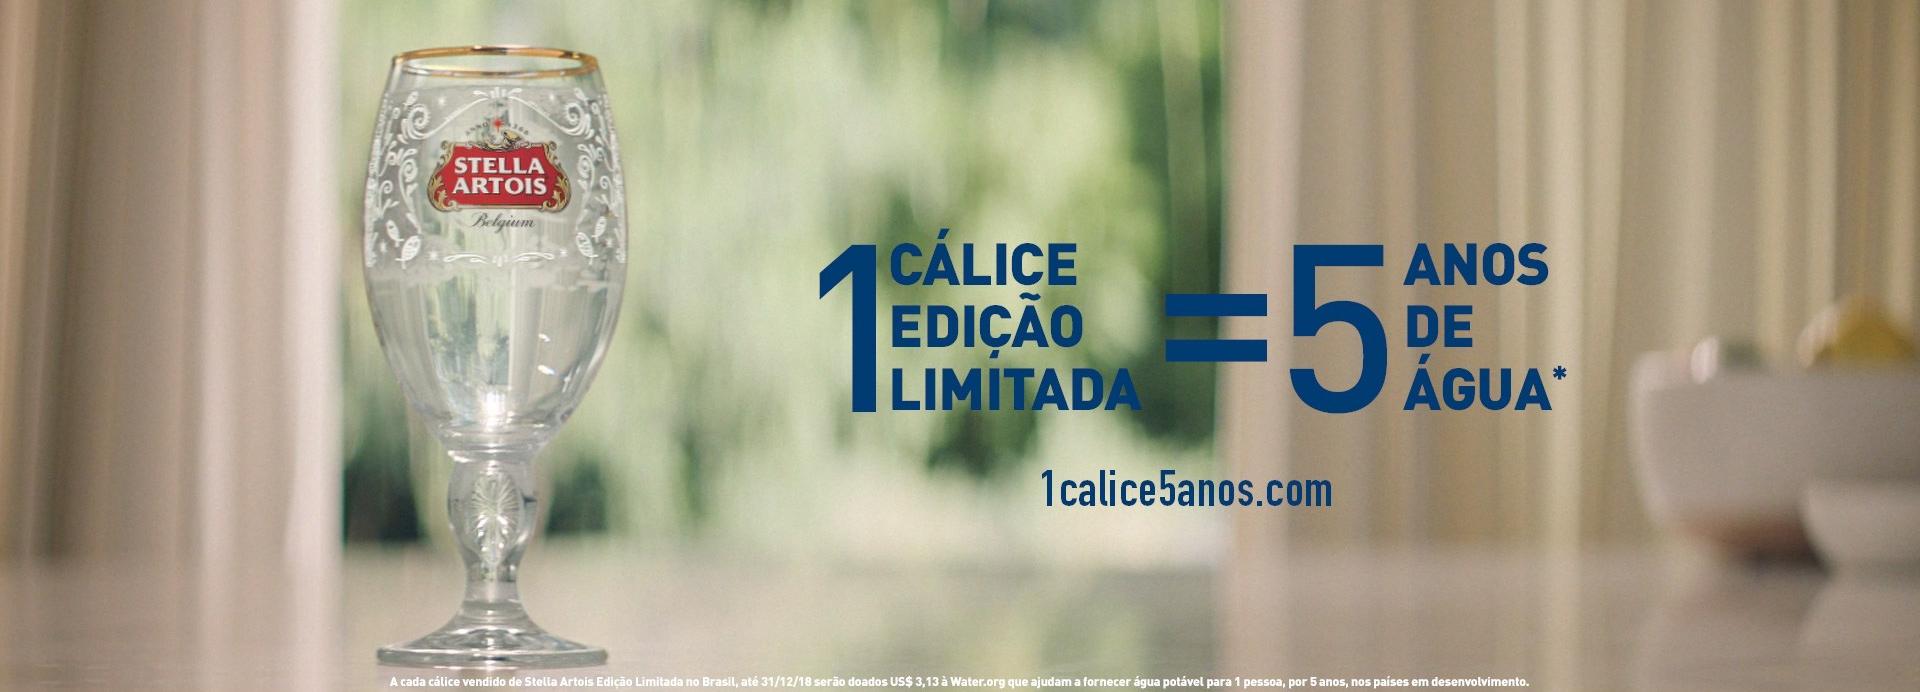 calice5anos.jpg